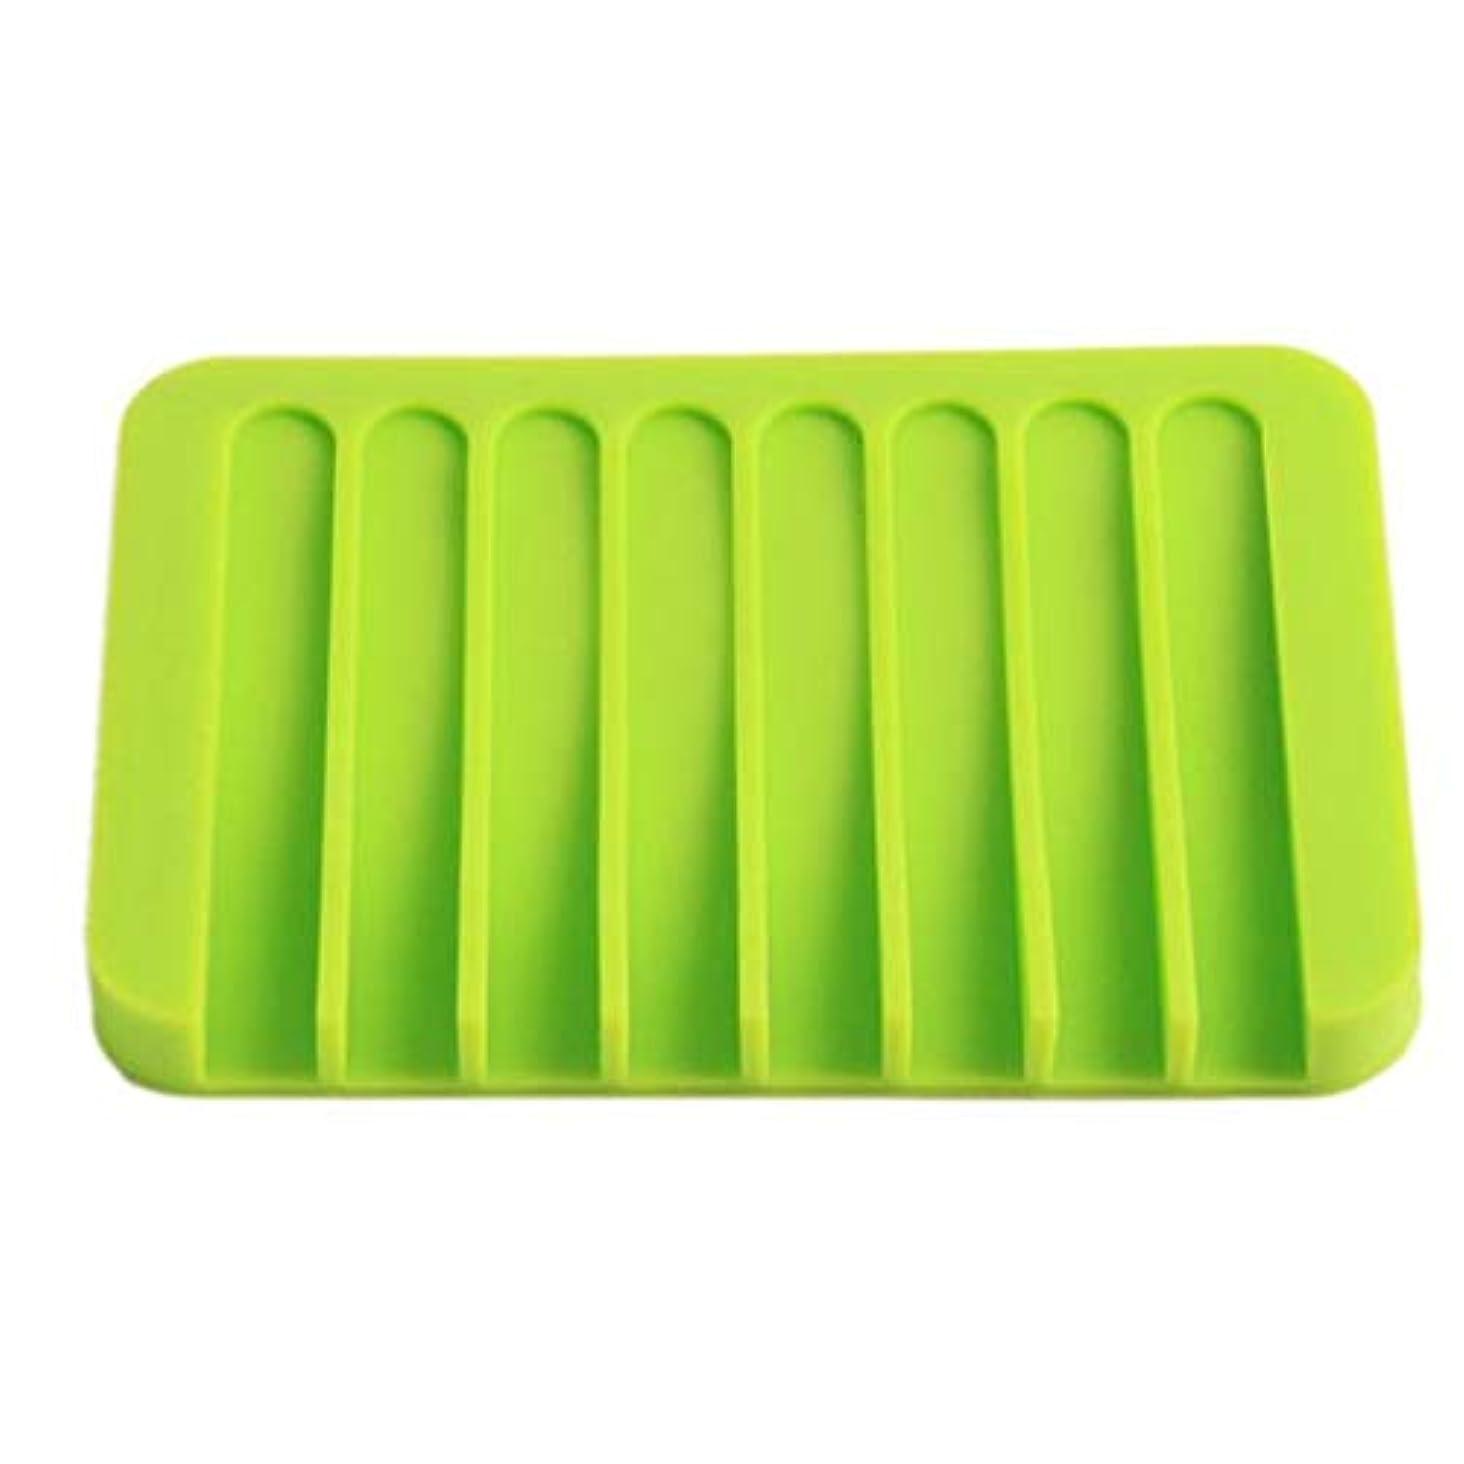 ペインティング実験的十一Onior プレミアム品質のシリコーン浴室柔軟な石鹸皿ソープホルダー収納ソープボックスプレートトレイ排水、グリーン